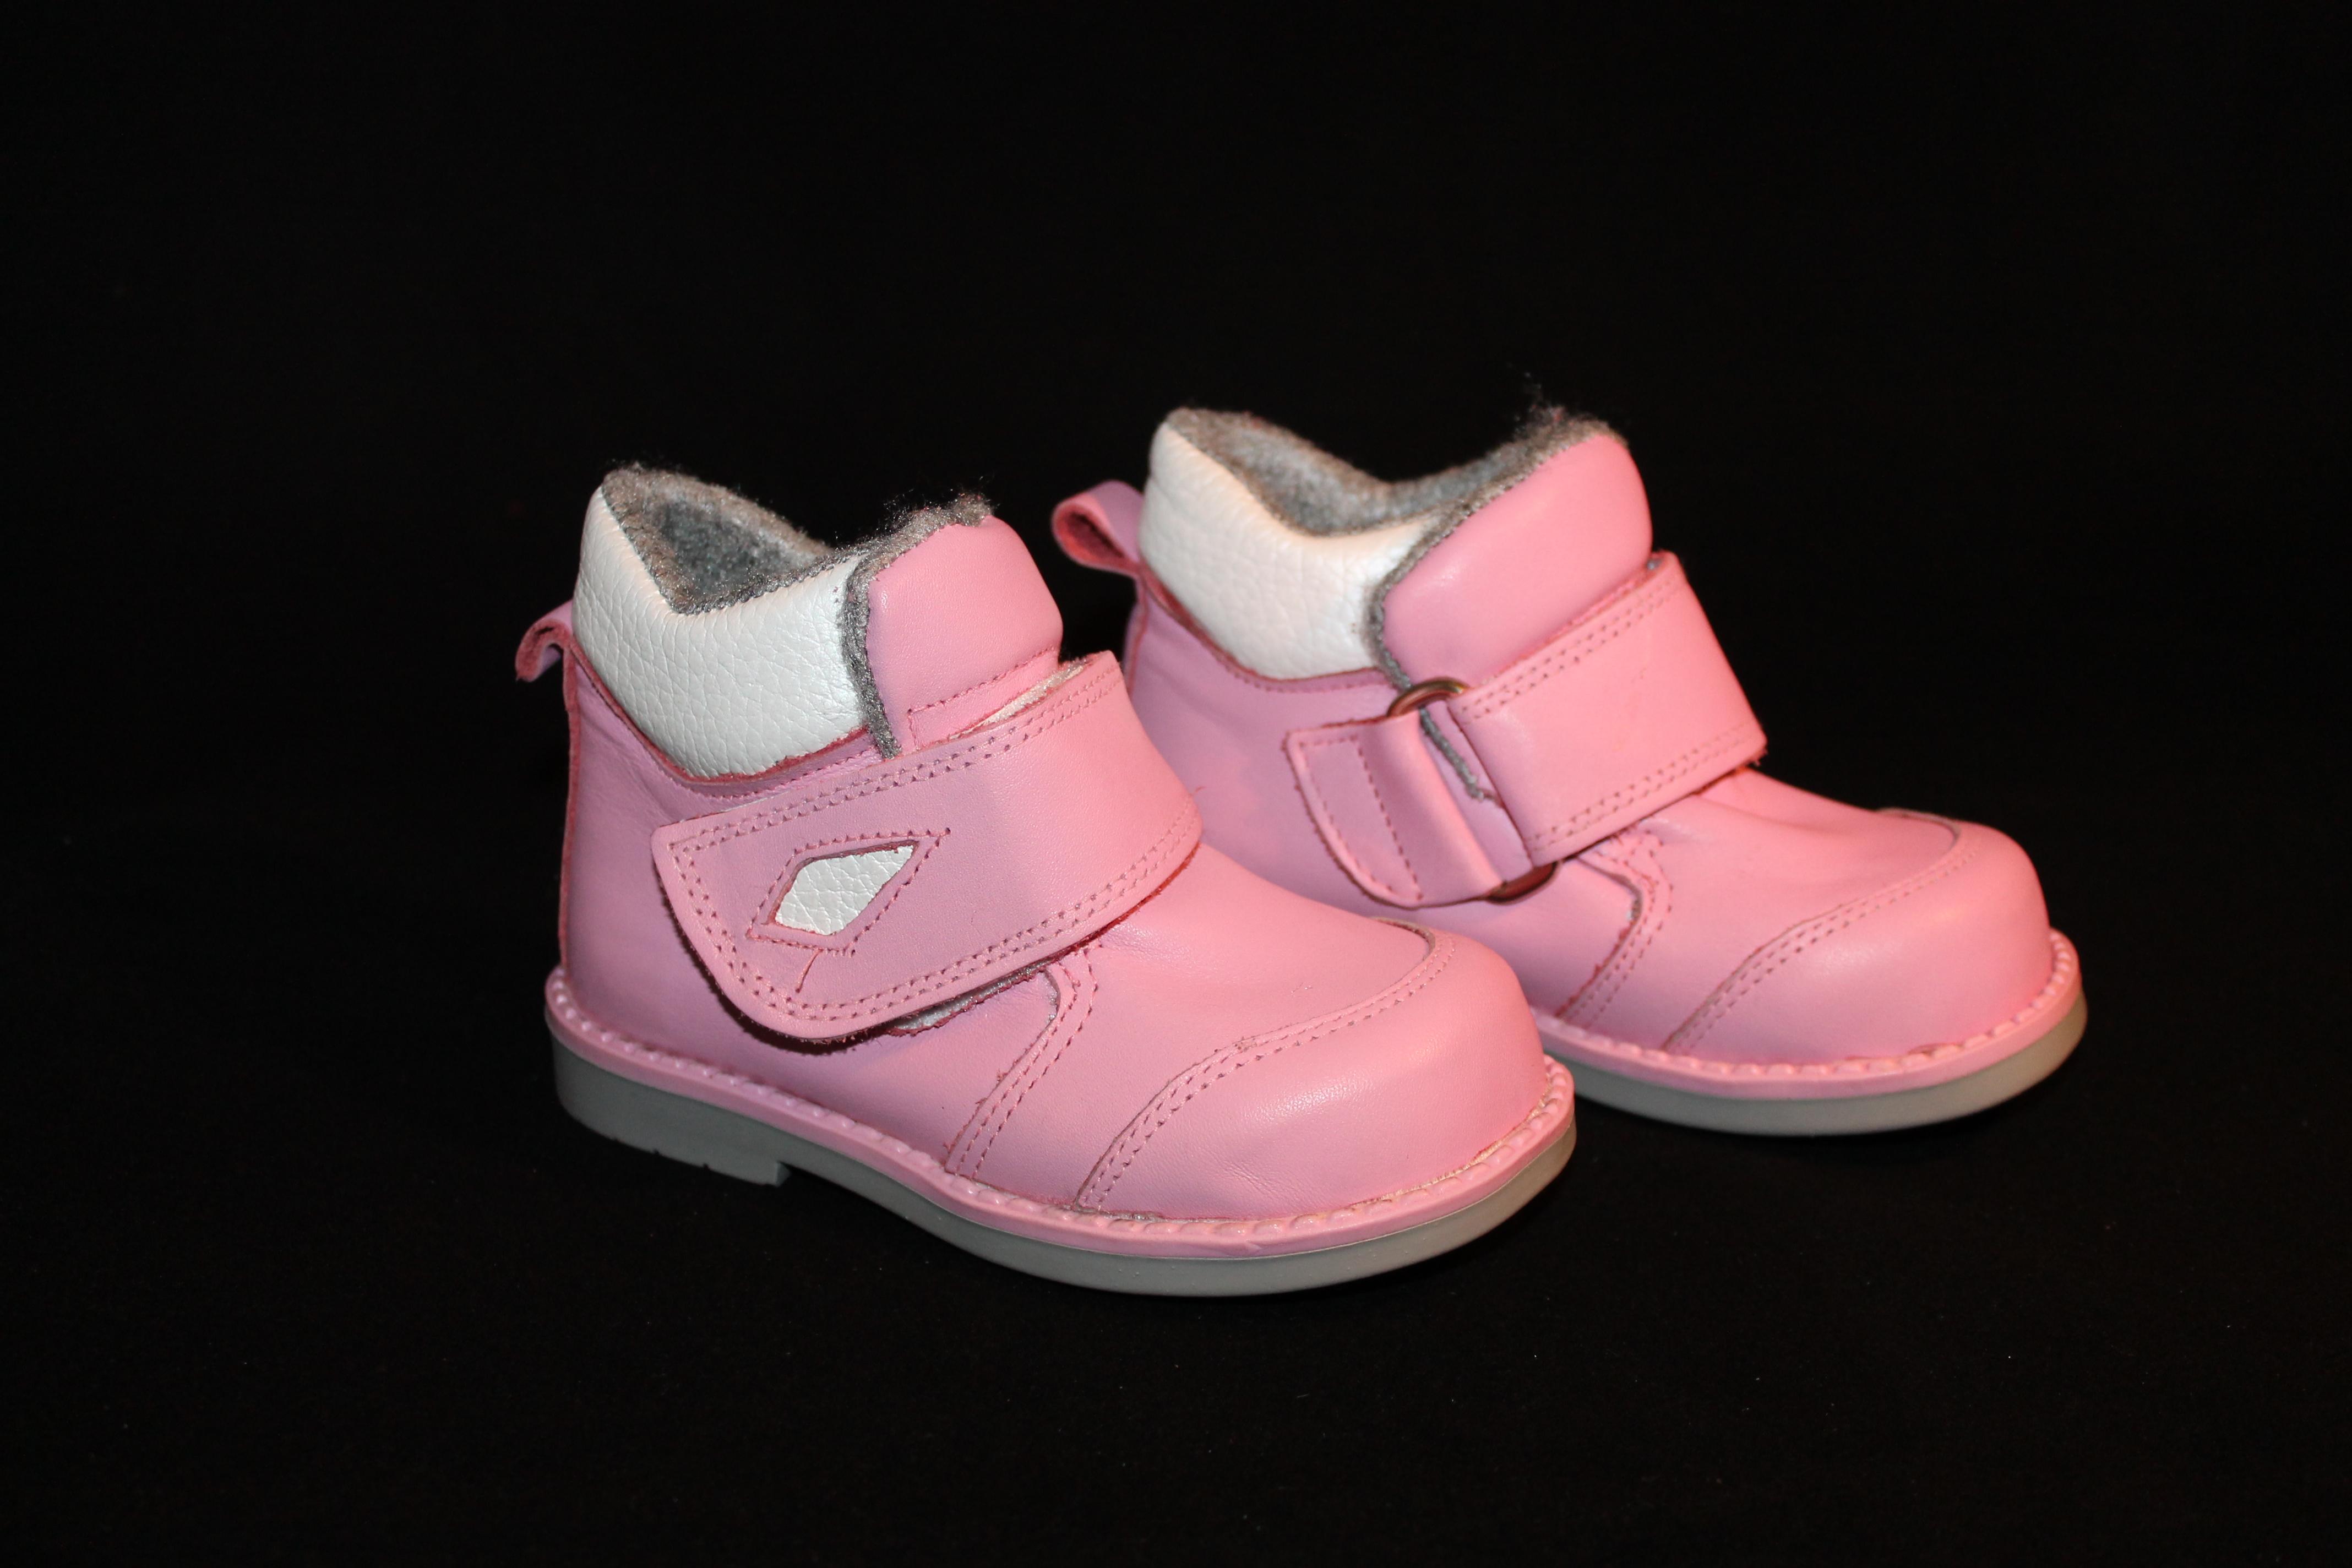 Сбор заказов. Детская богородская обувь, напрямую с фабрики. Орто 790 руб, сандалии от 200 руб. Без рядов. Помощь по подбору размера! Выкуп II